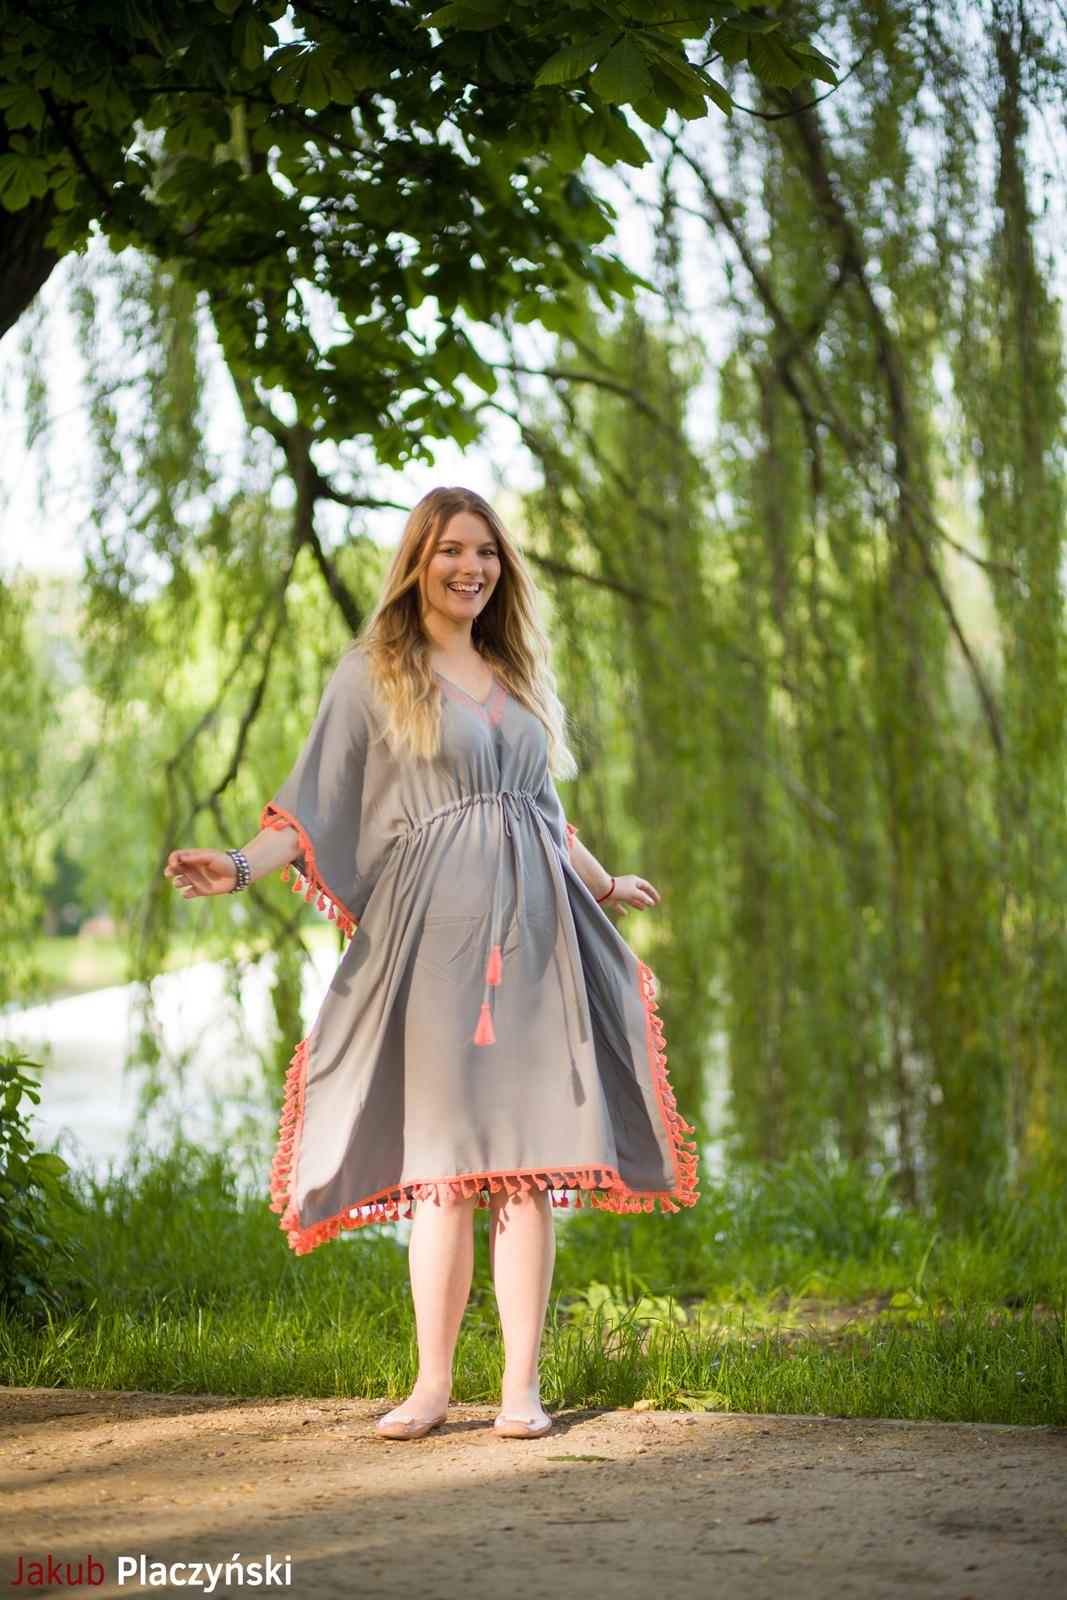 9  sukienka szara z frędzlami maxi na lato bonprix sukienki na wakacje bizuteria piotrowski kryształy svarowskiego letnia stylizacja melodylaniella buty masujące nogi oka-b mivo shoes